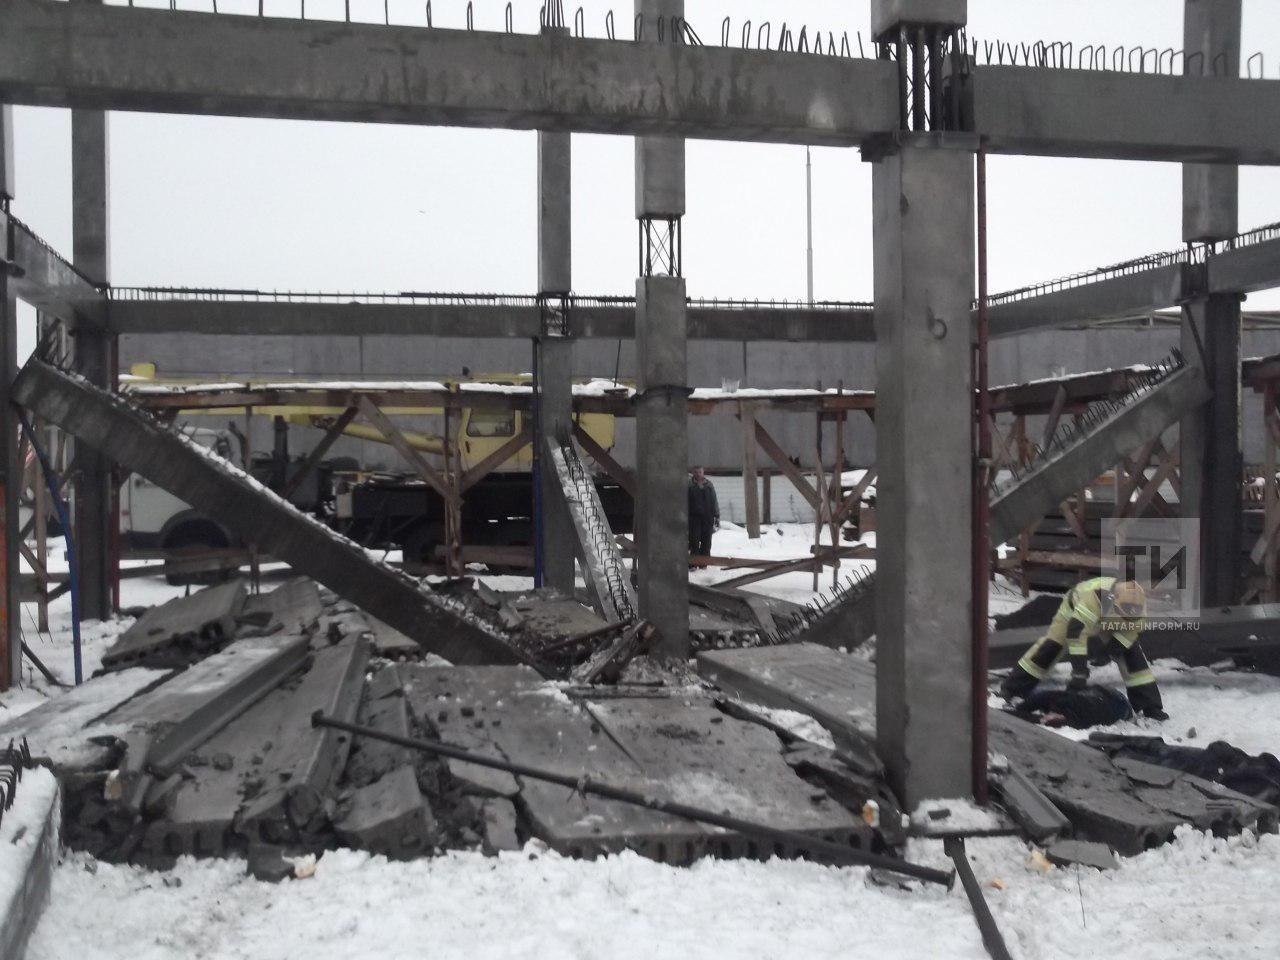 плита раздавила насмерть двух строителей